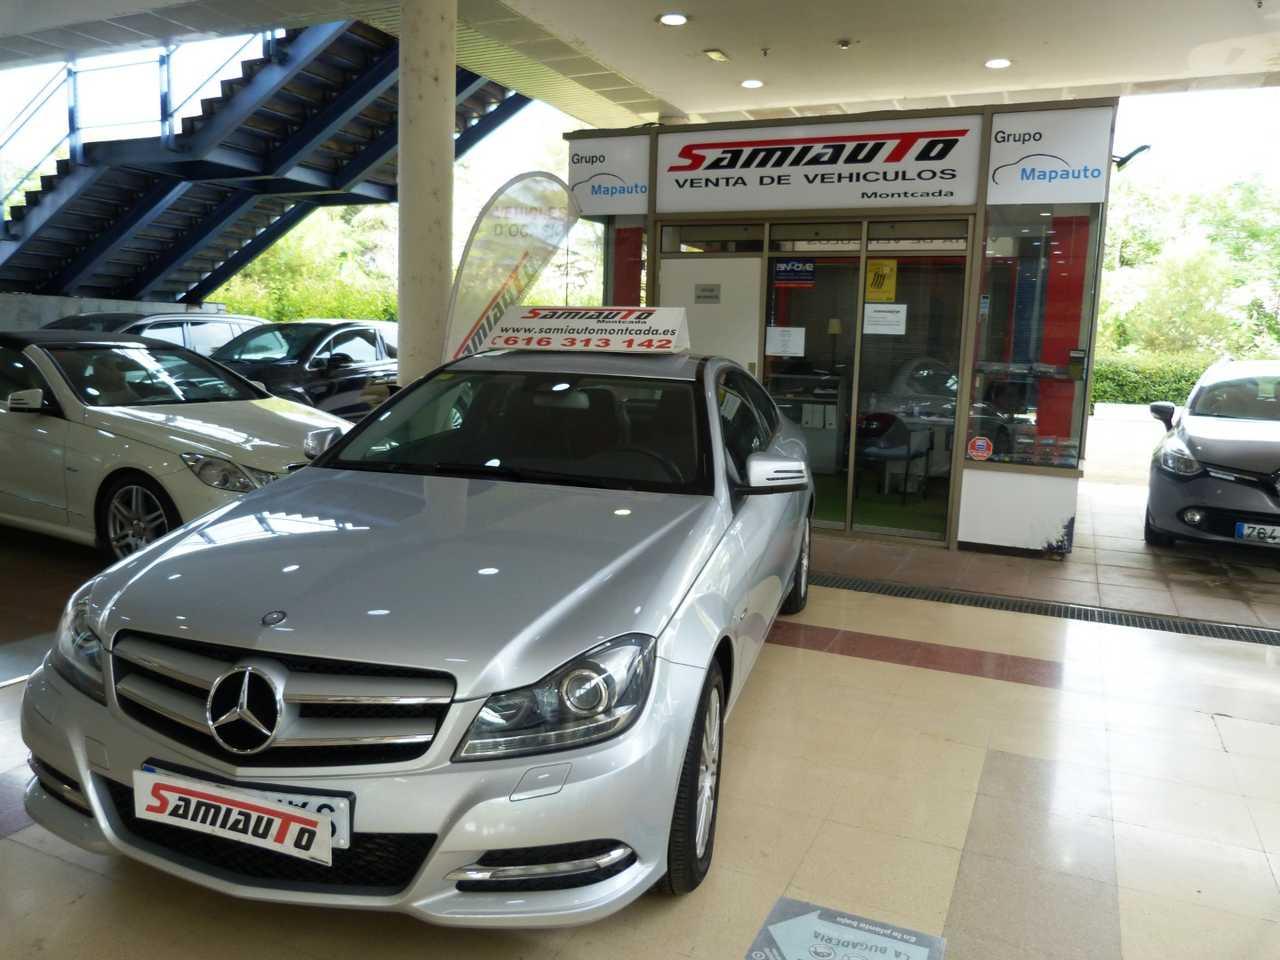 Mercedes Clase C Coupé Clase C C 220 CDI Blue Efficiency Coupe 2p. LIBRO DE REVISIONES COMPLETAMENTE NUEVO  - Foto 1